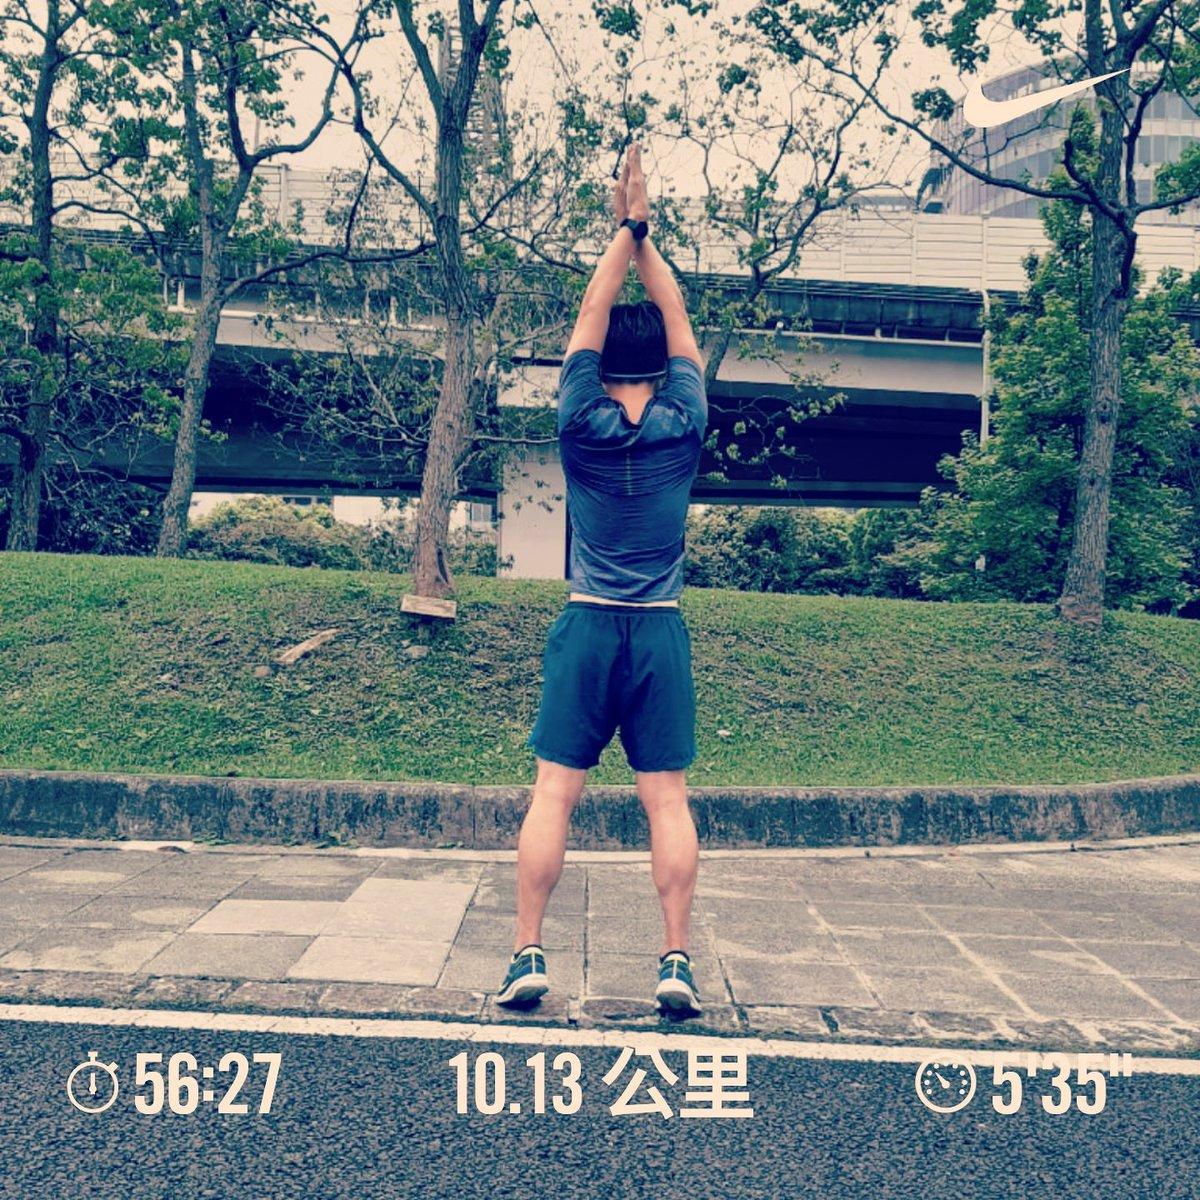 收心操。Fuck you。  #runer  #跑步 #跑步人生 #running pic.twitter.com/PaUtxFT3Ce